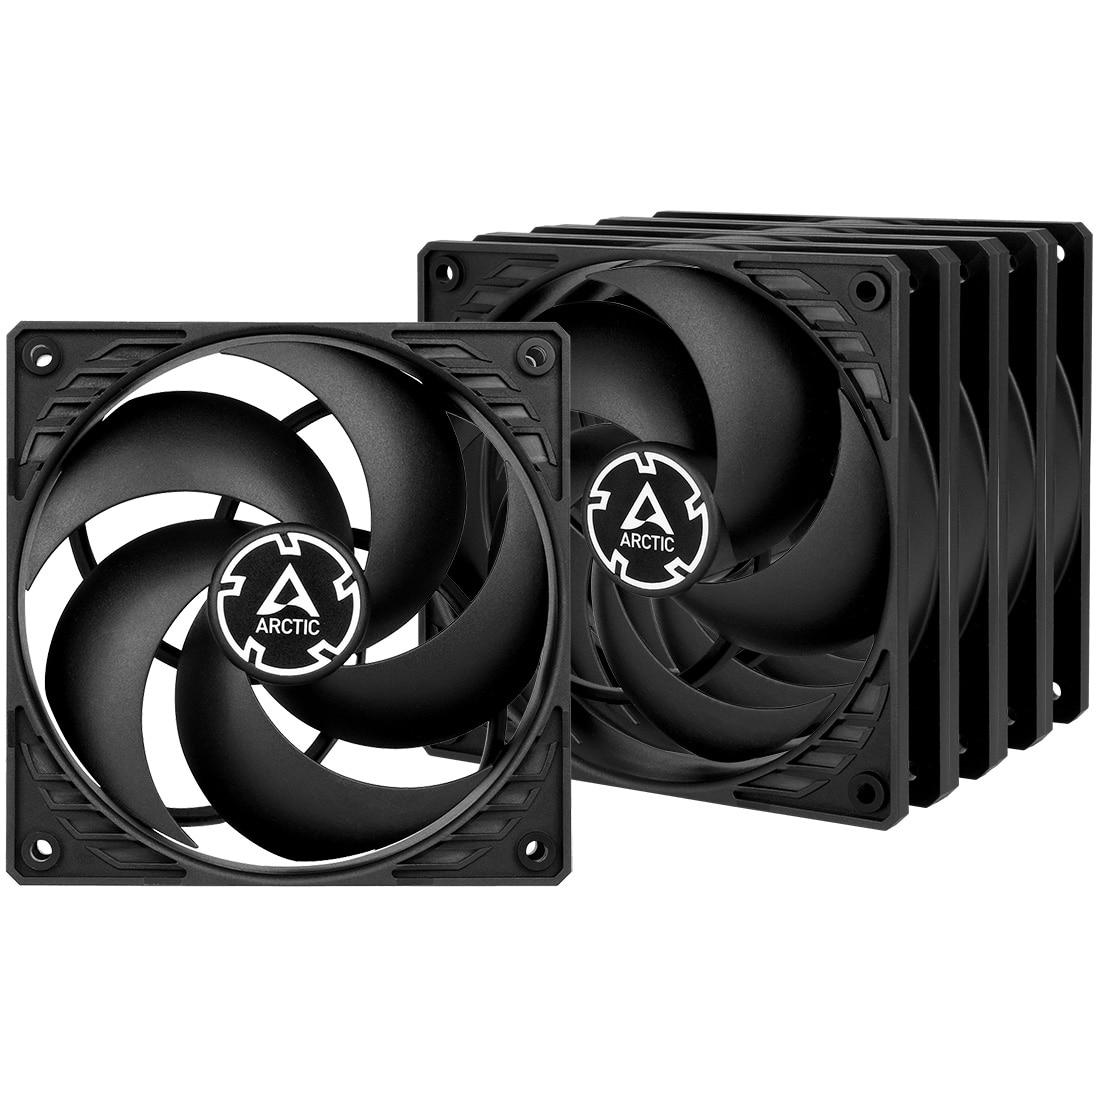 Fotografie Ventilator ARCTIC P12 Value Pack Black, 120mm